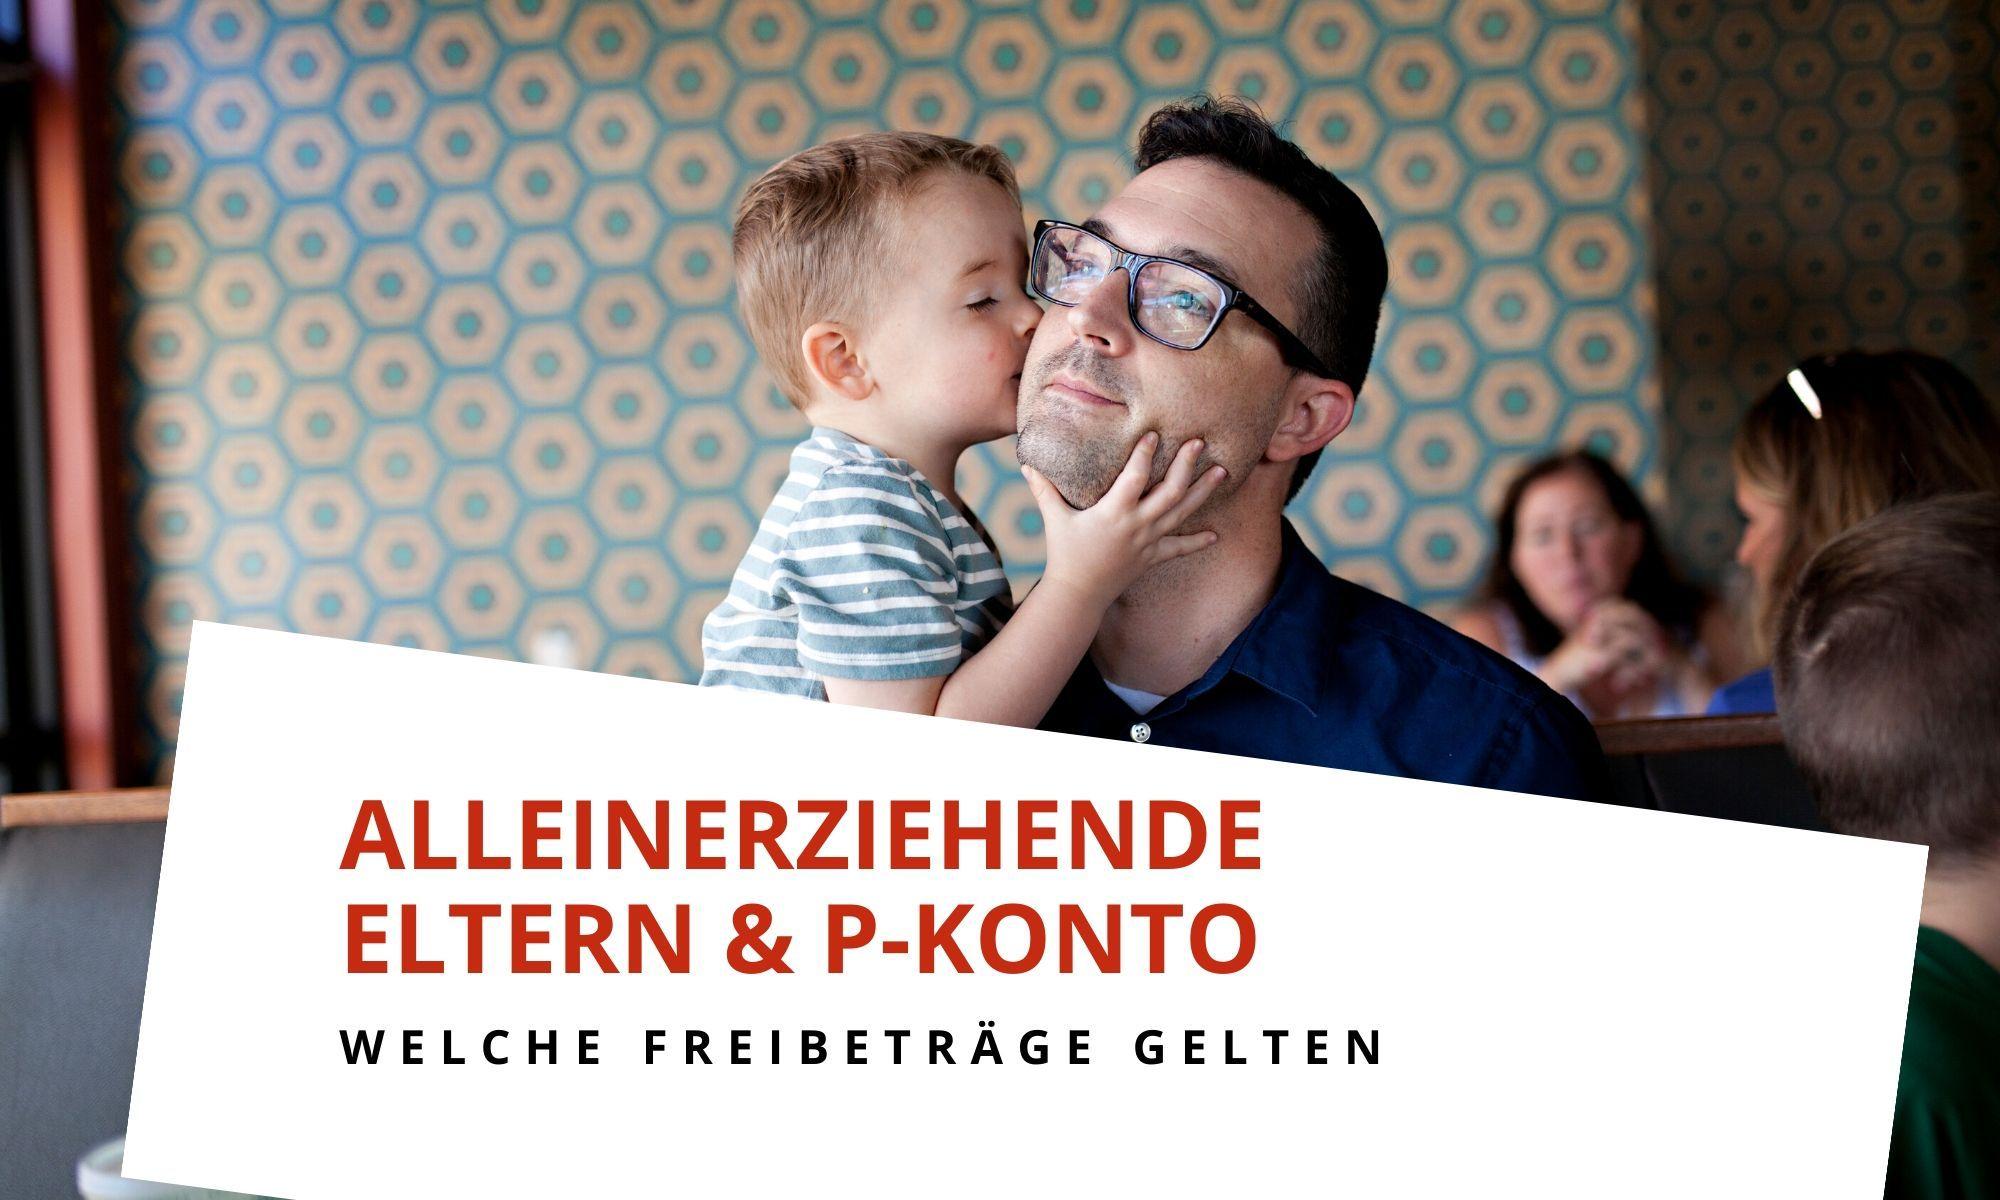 P-Konto Bescheinigung für alleinerziehende Eltern